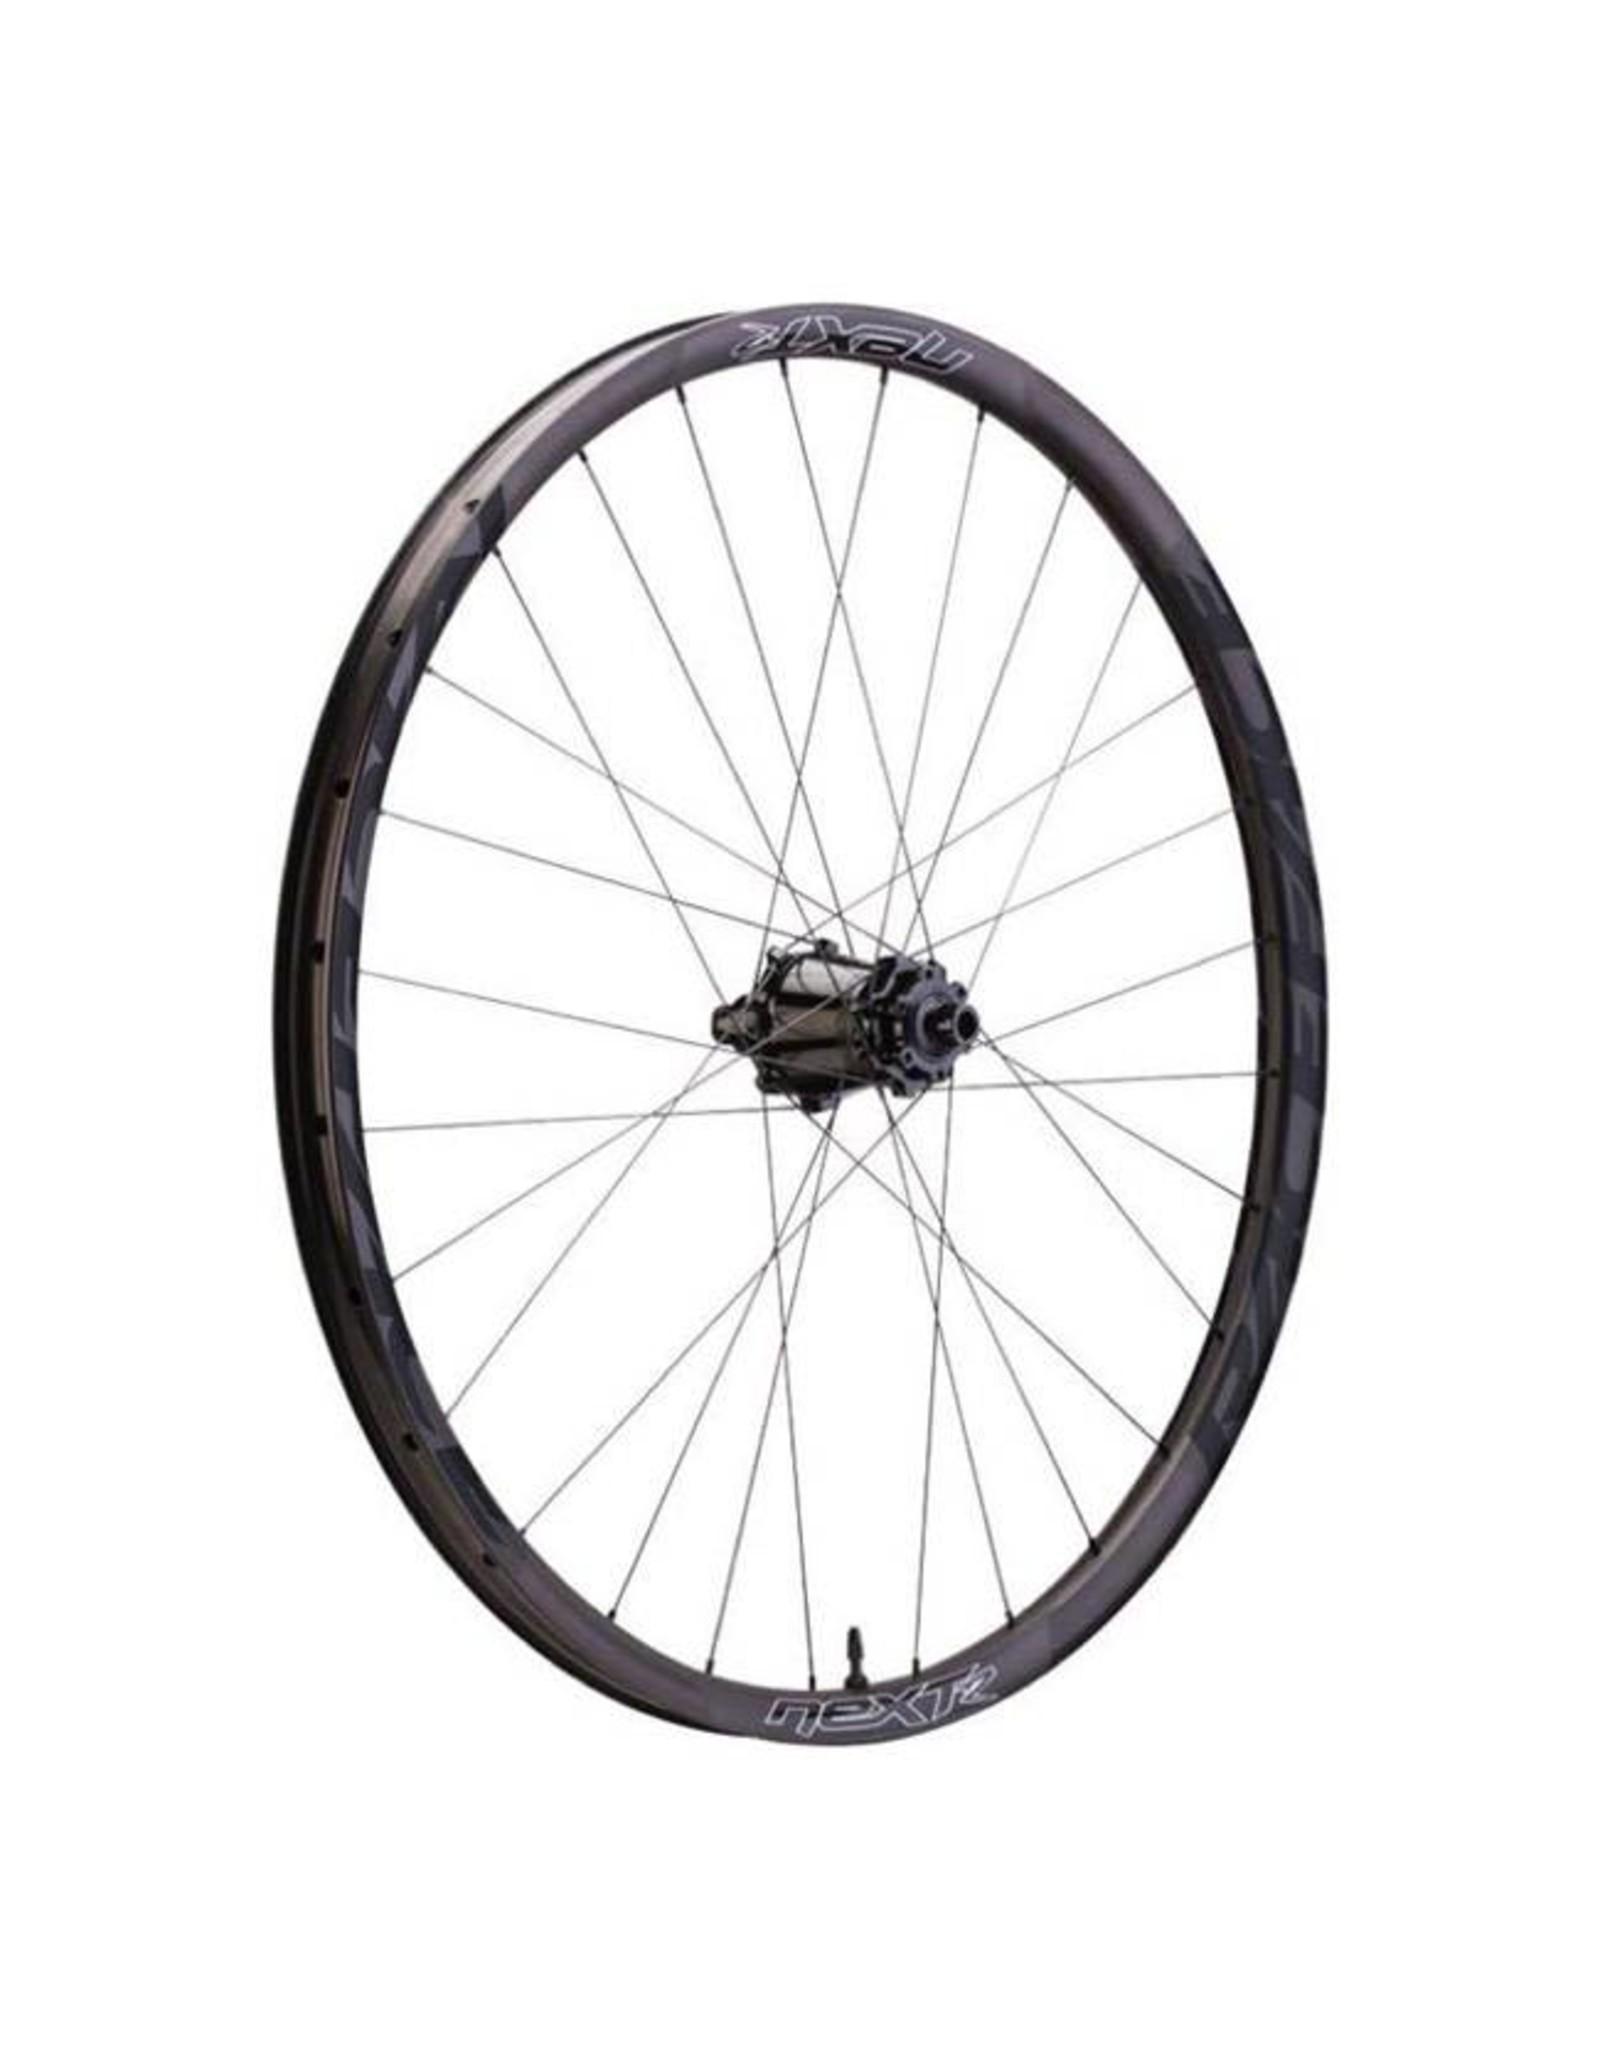 """RaceFace RaceFace Next R31 Front Wheel: 29"""", Carbon Rim, 15 x 110mm Thru Axle"""